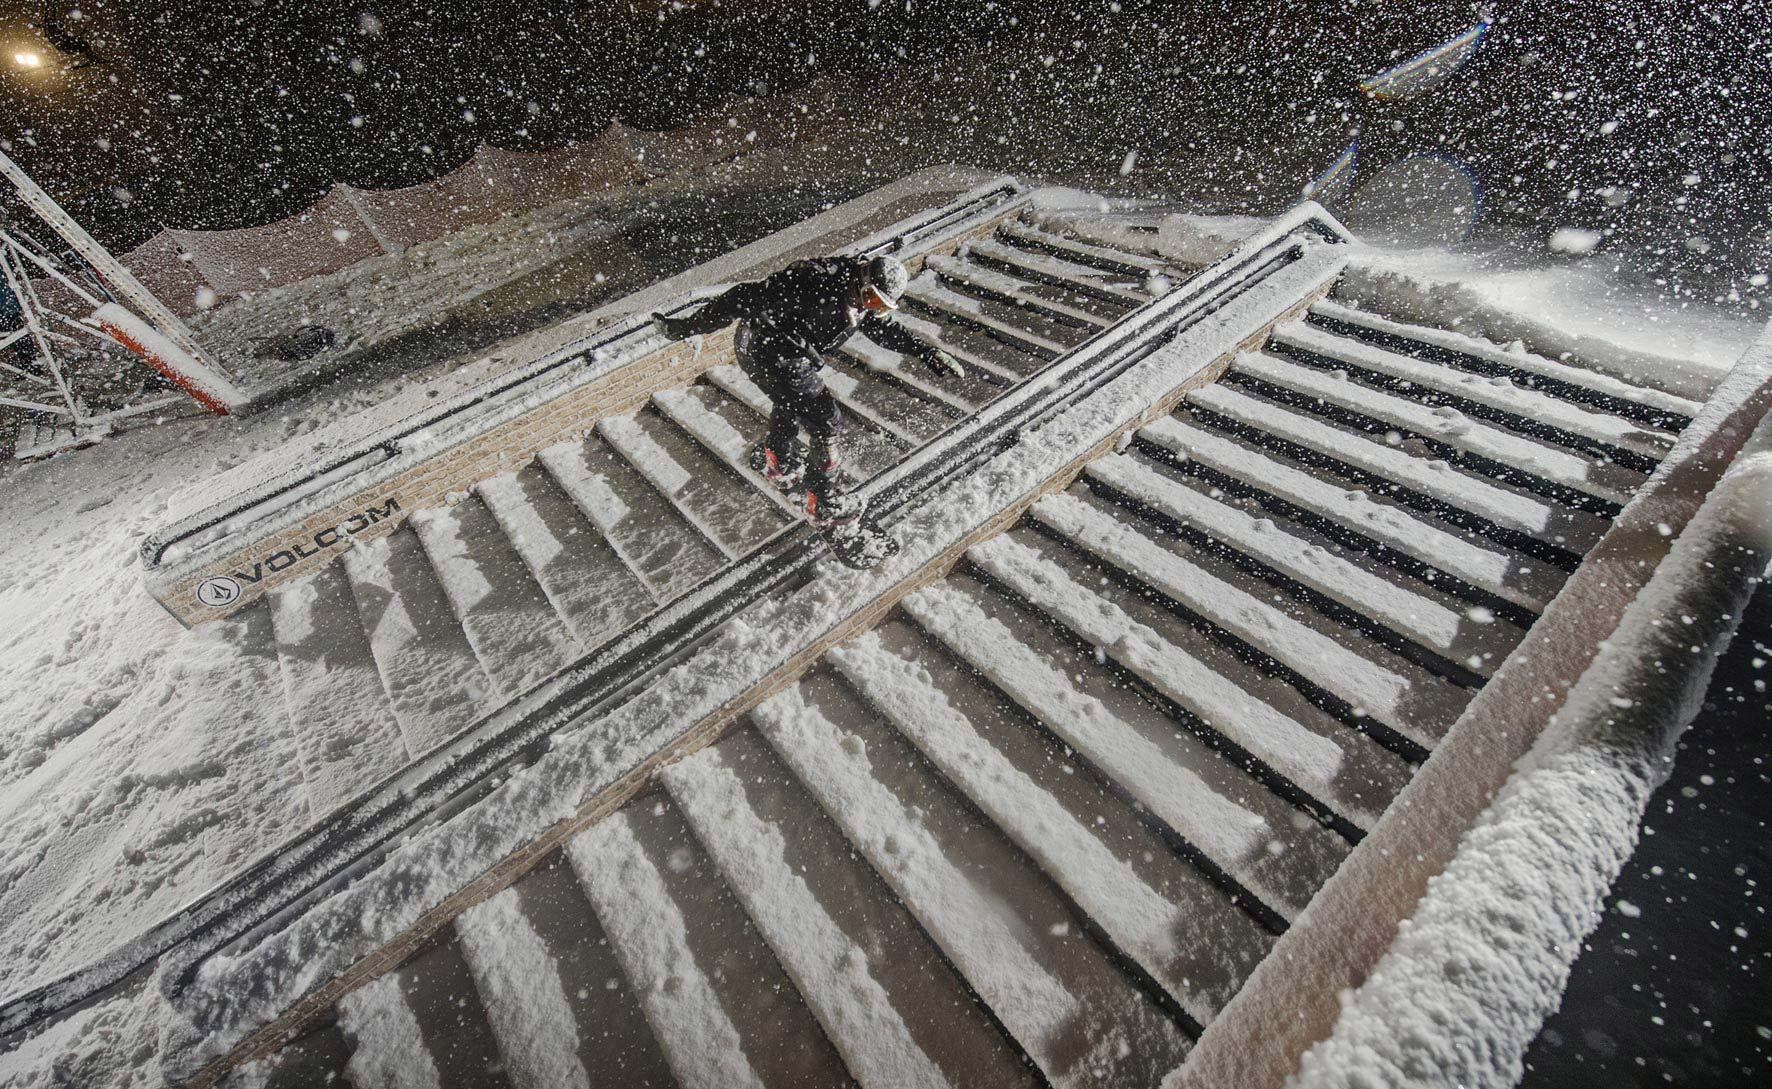 Im letzten Jahr hatten die Rider am Abend mit heftigem Schneefall zu kämpfen und lieferten trotzdem eine richtig fette Show ab!